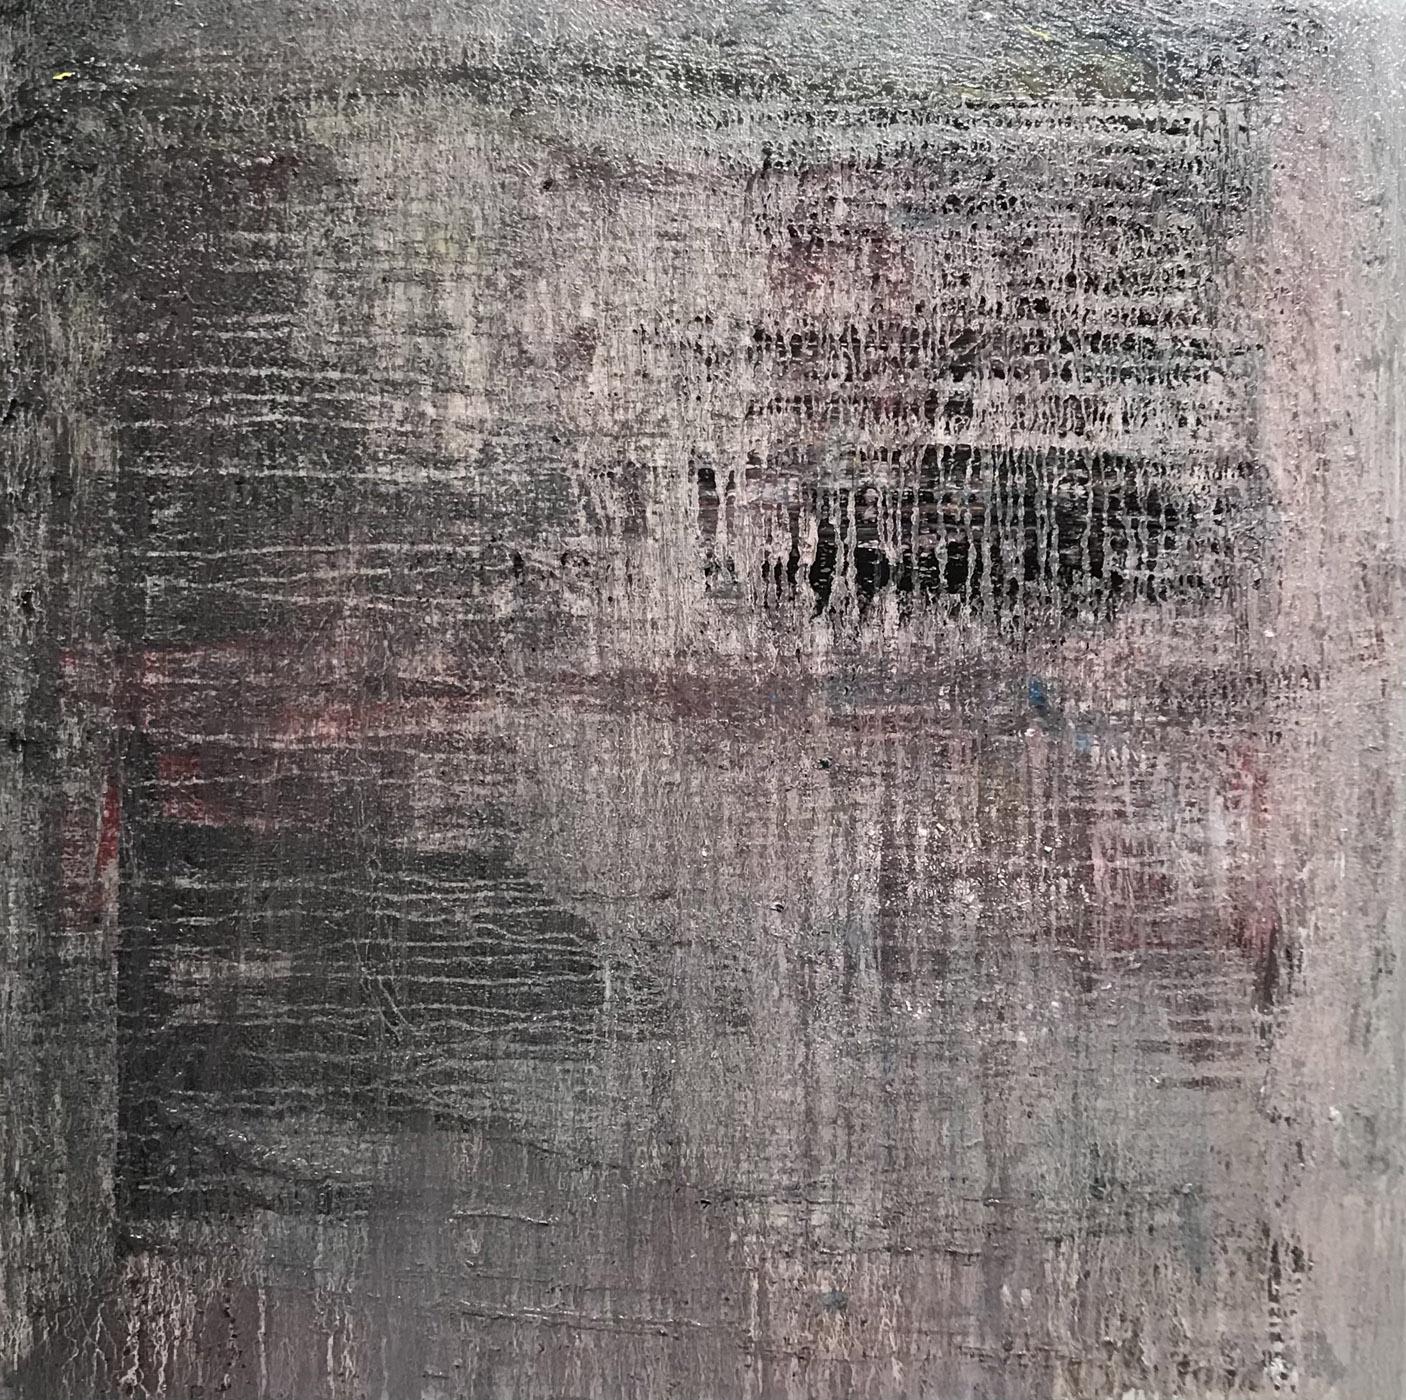 MARC FELD 2021 TRAMES Huile sur toile 120 x 120 cm